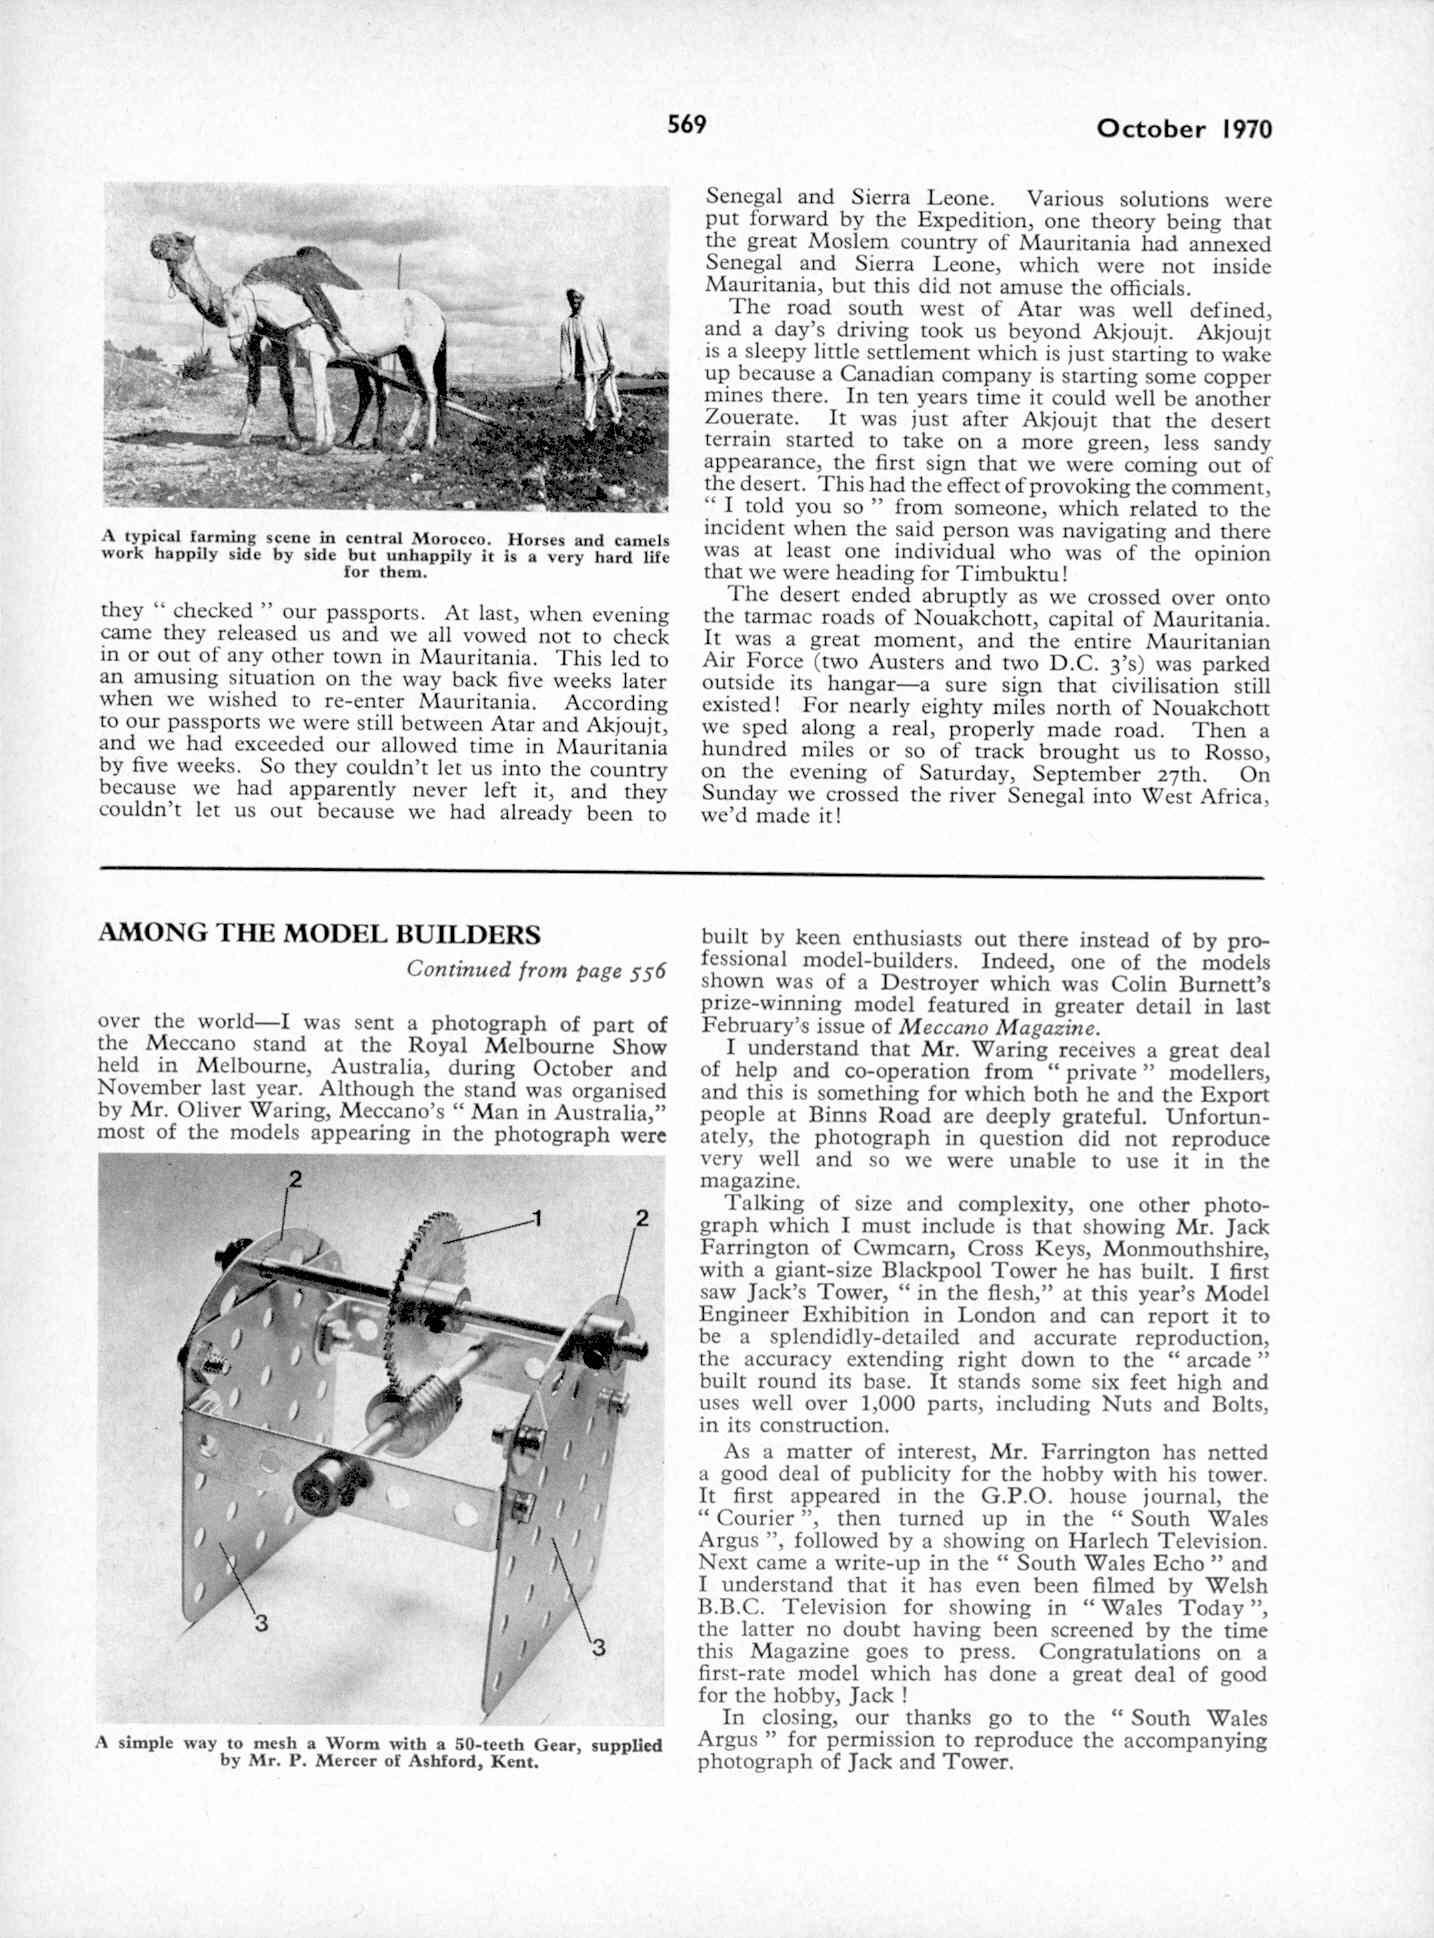 UK Meccano Magazine October 1970 Page 569